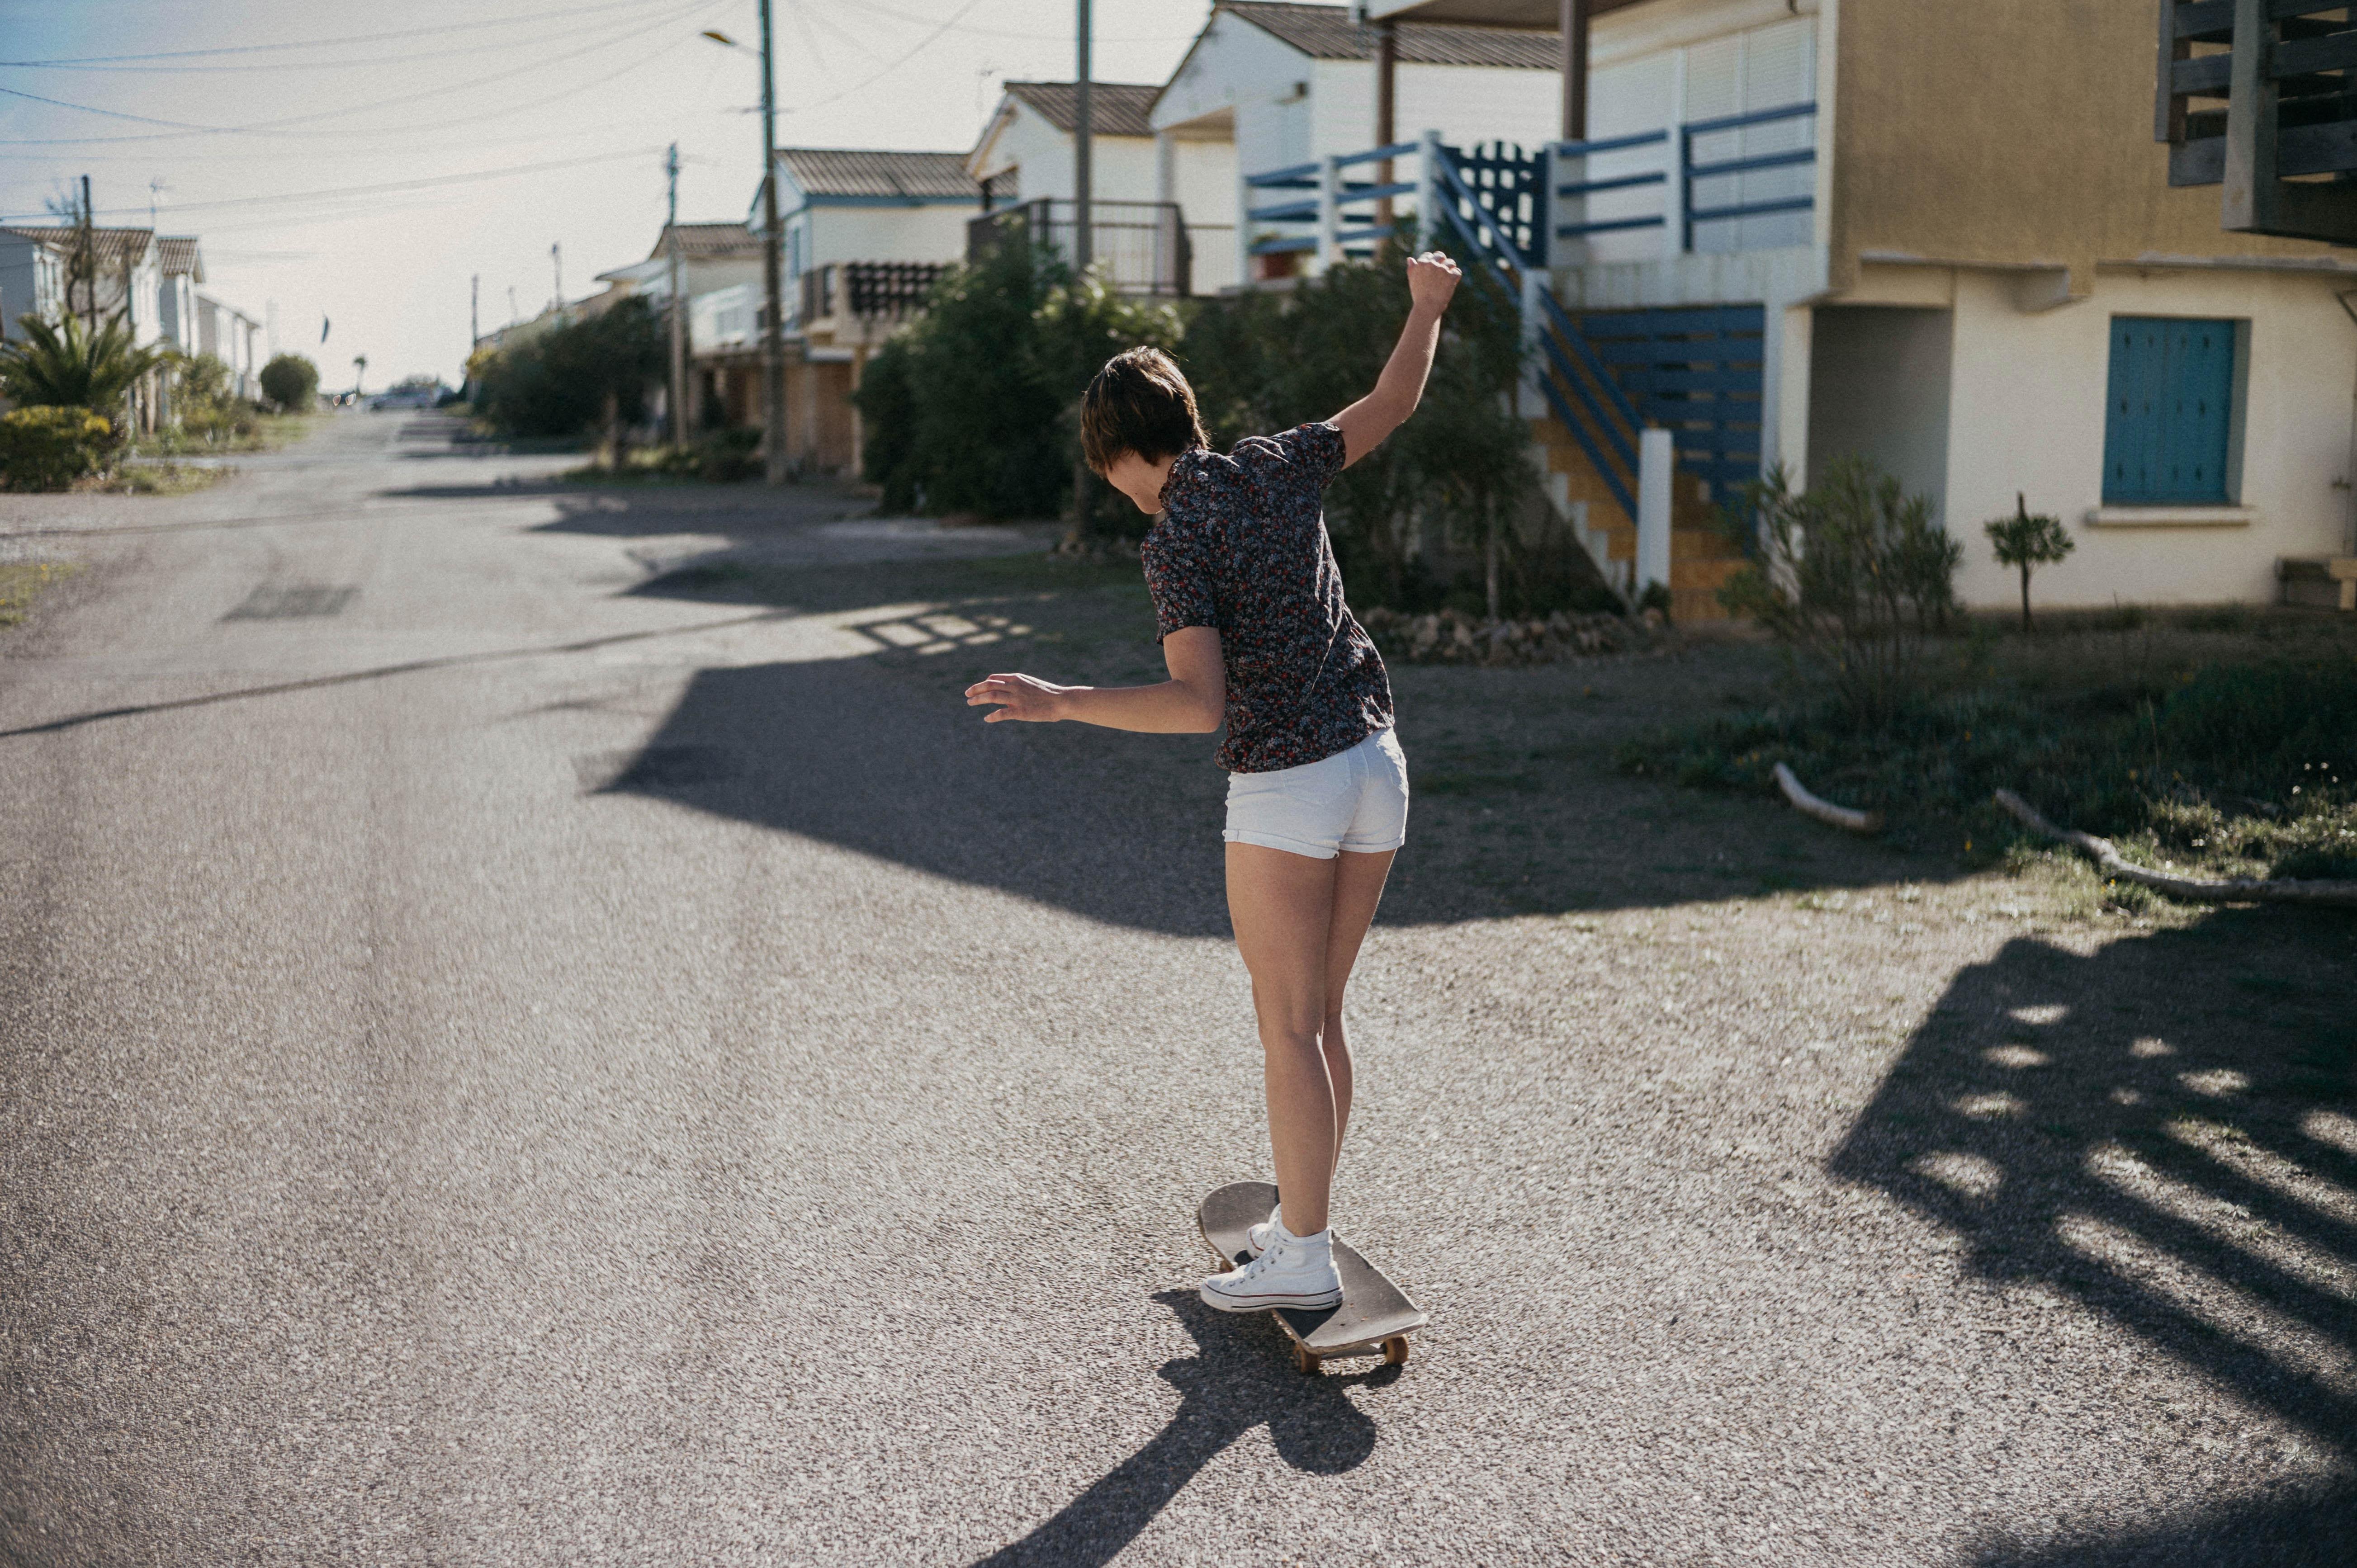 woman riding on skateboard near on houses